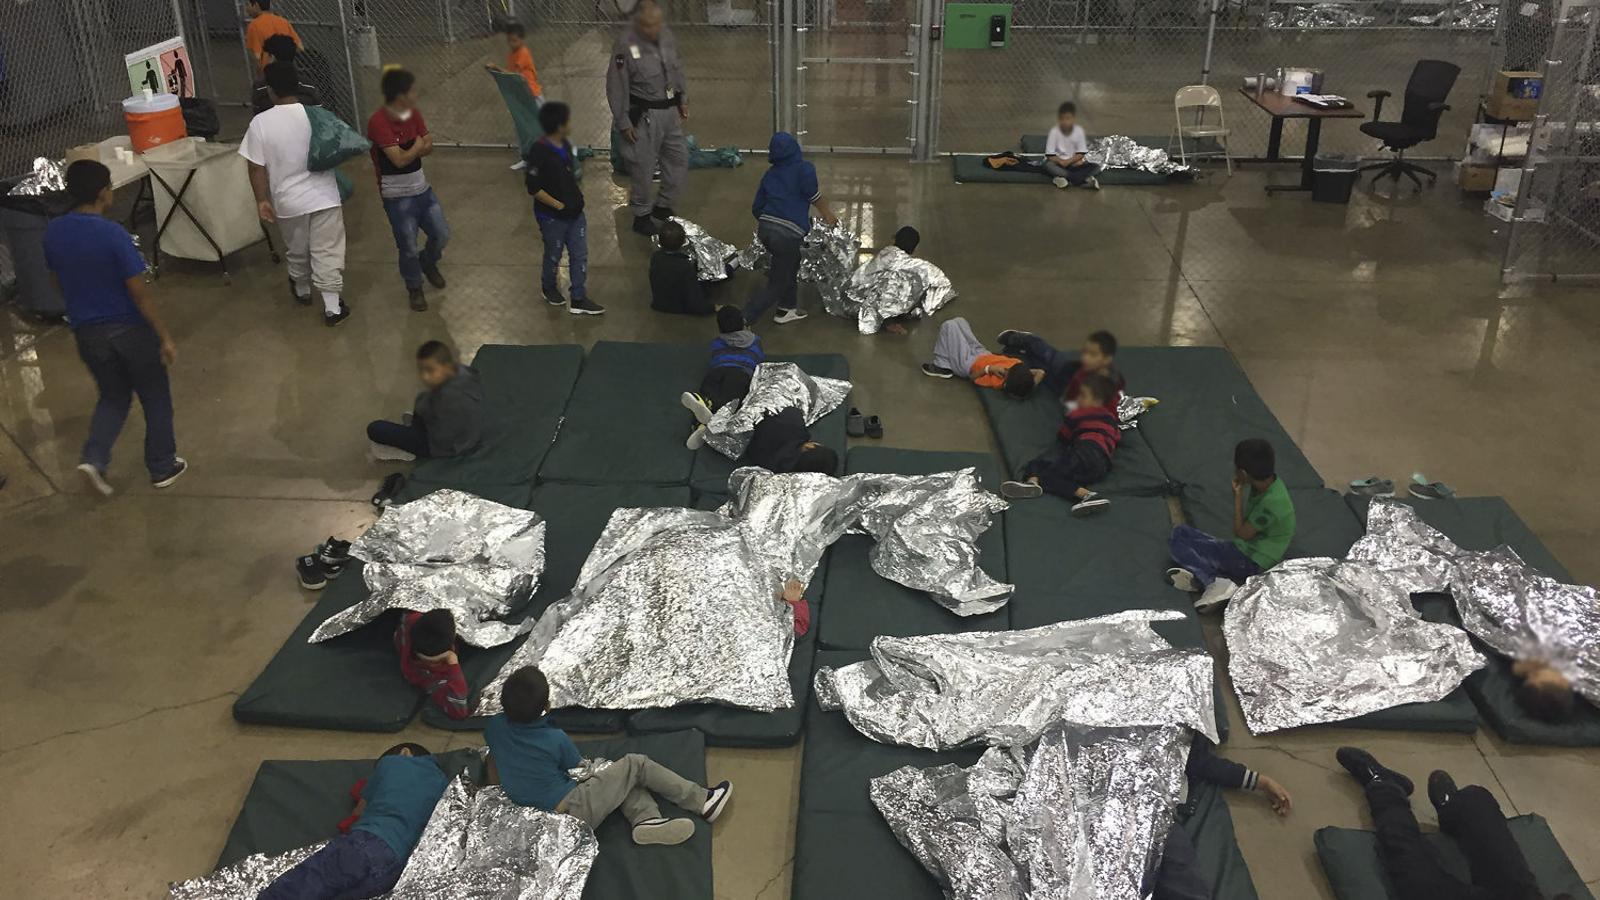 Al centre de detenció de McAllen, a Texas, els nens separats dels pares dormen  a terra.